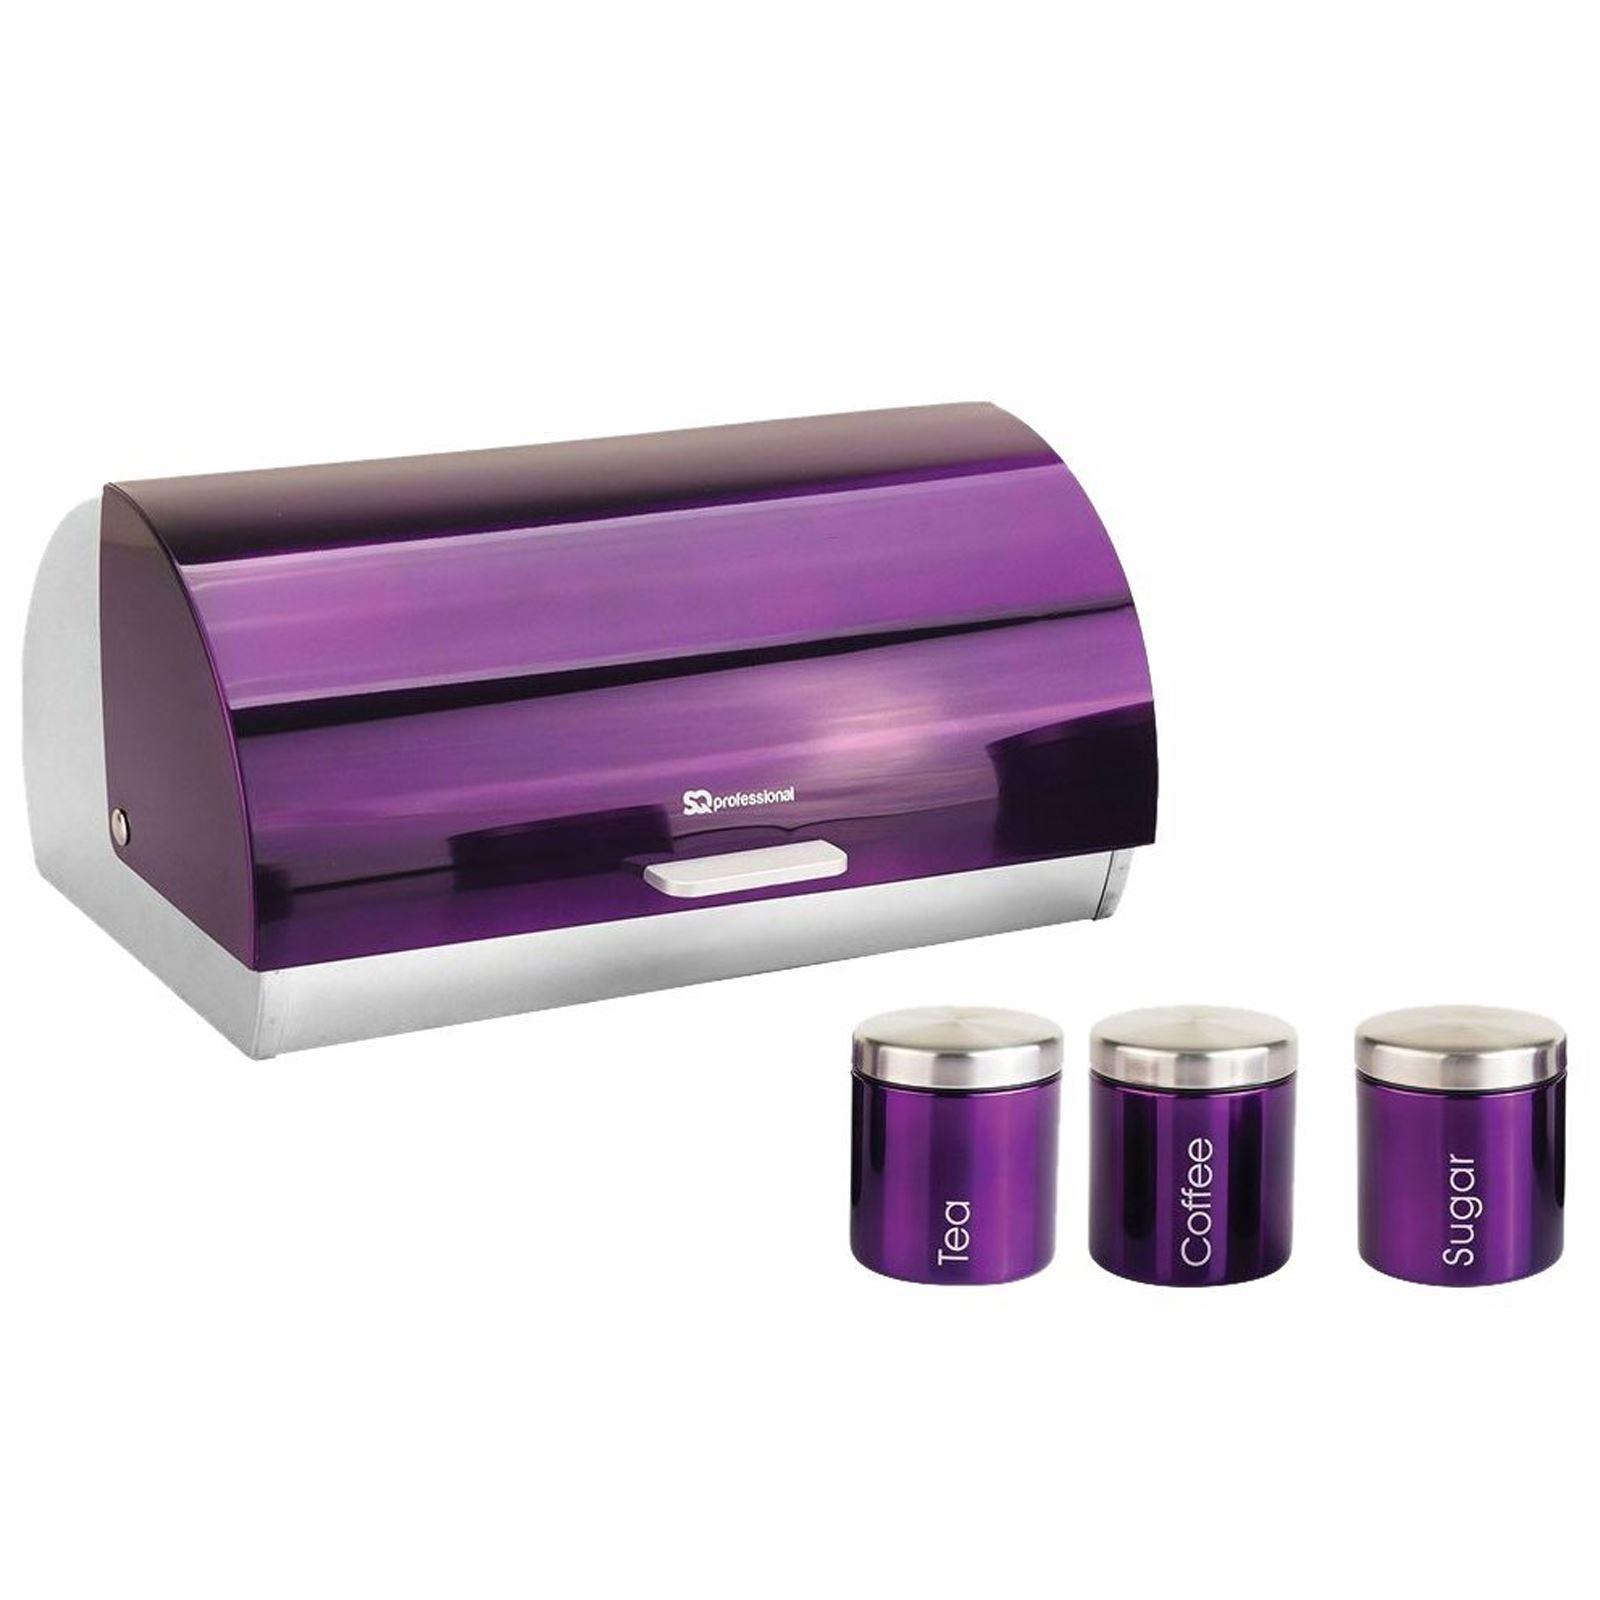 Metallique-Huche-a-Pain-Ouverture-Coulissante-The-Cafe-Sucre-Jar-Canister-ensembles-de-rangement miniature 21